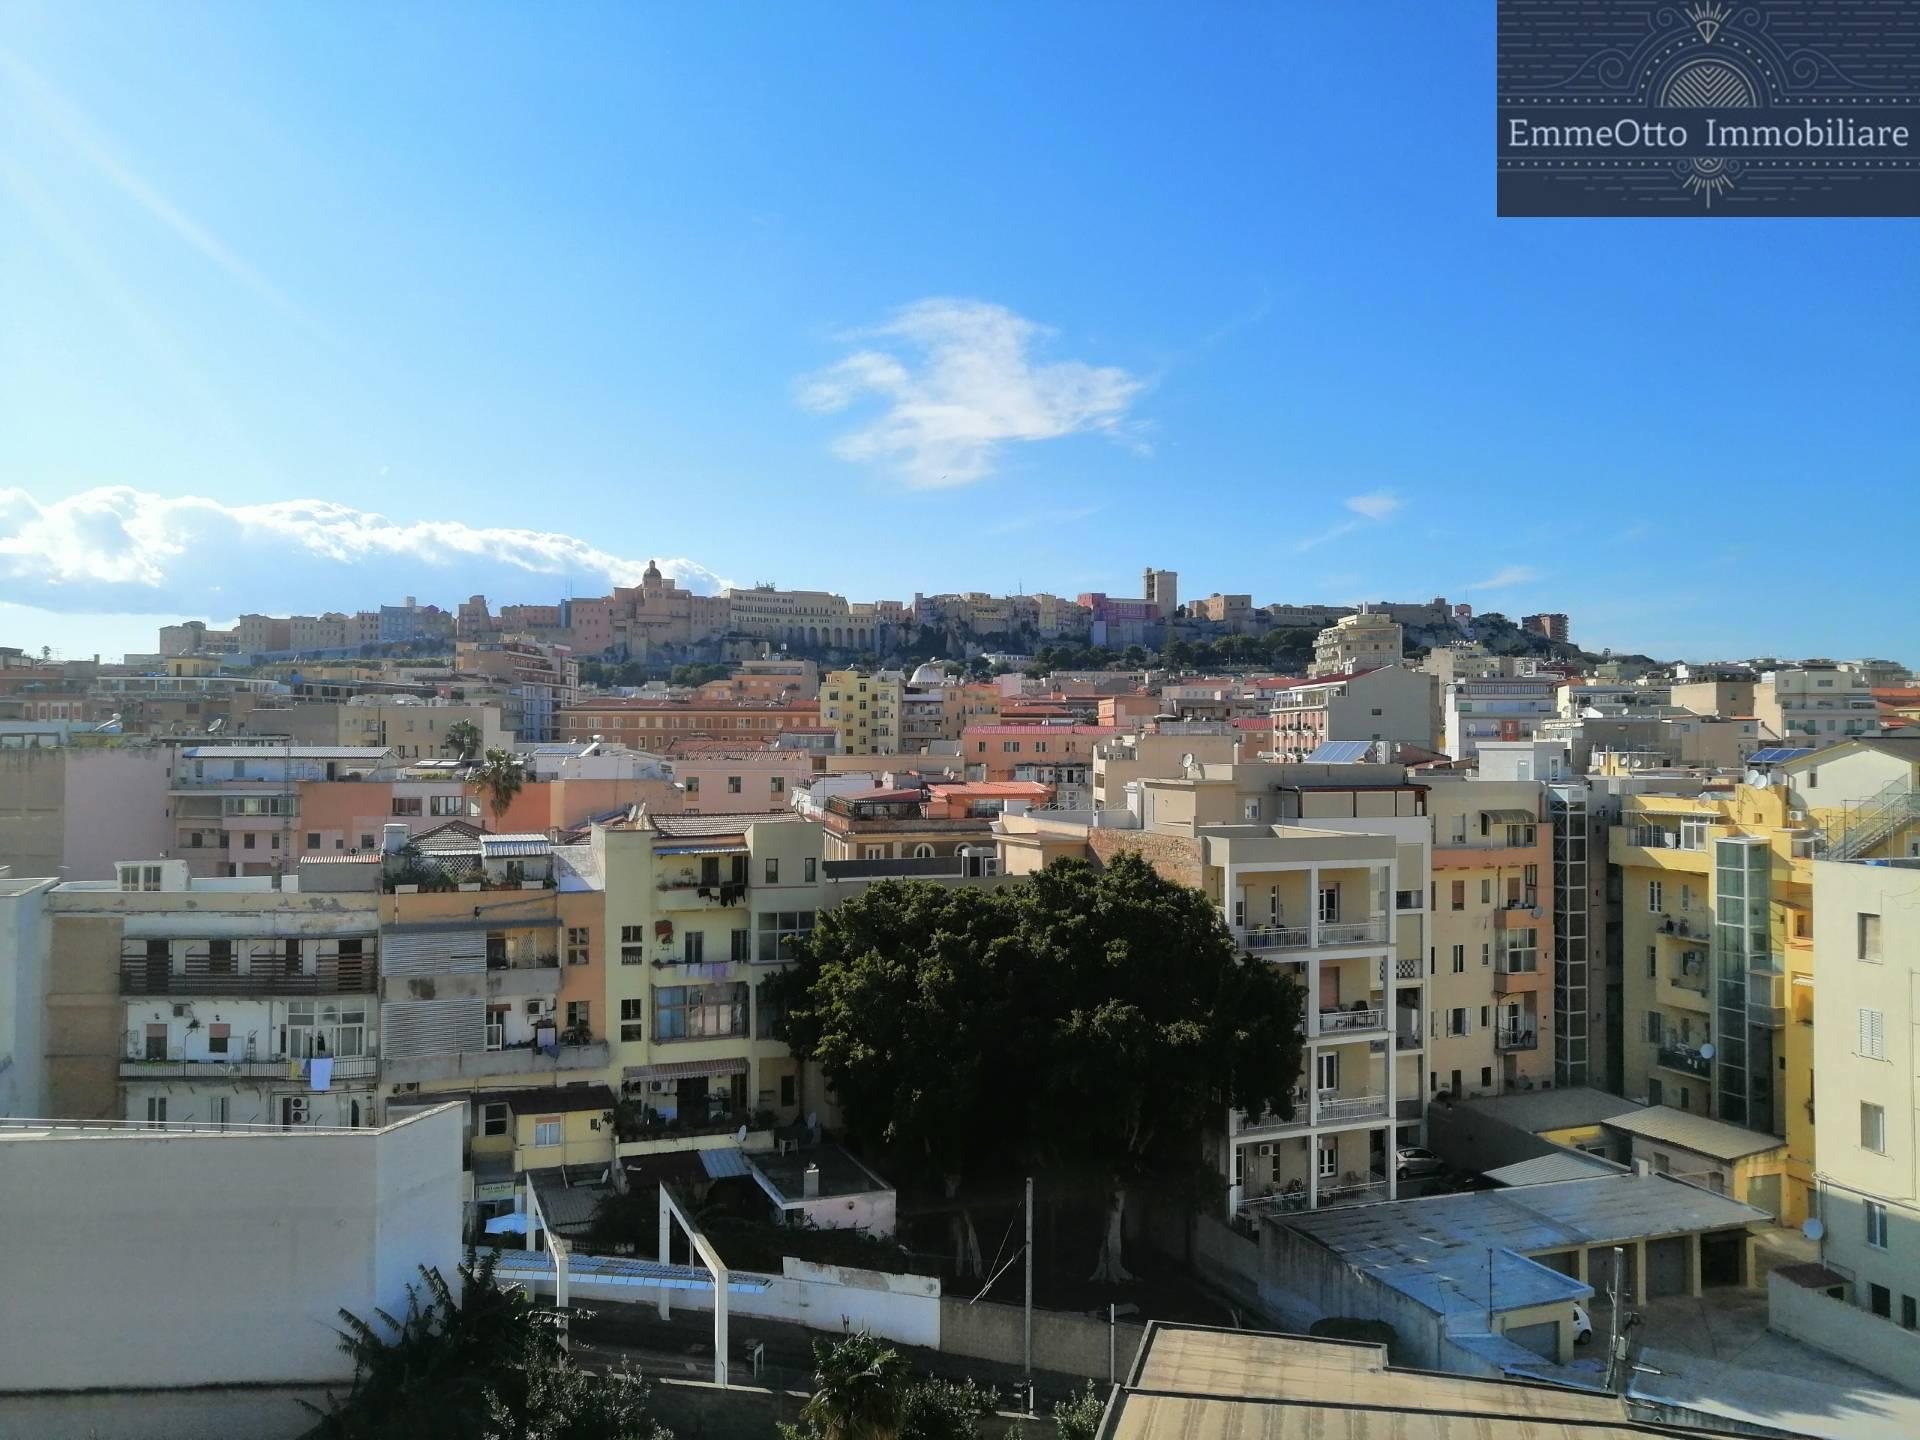 Appartamento in affitto a Cagliari, 4 locali, zona Località: PiazzaRepubblica, prezzo € 1.500   CambioCasa.it